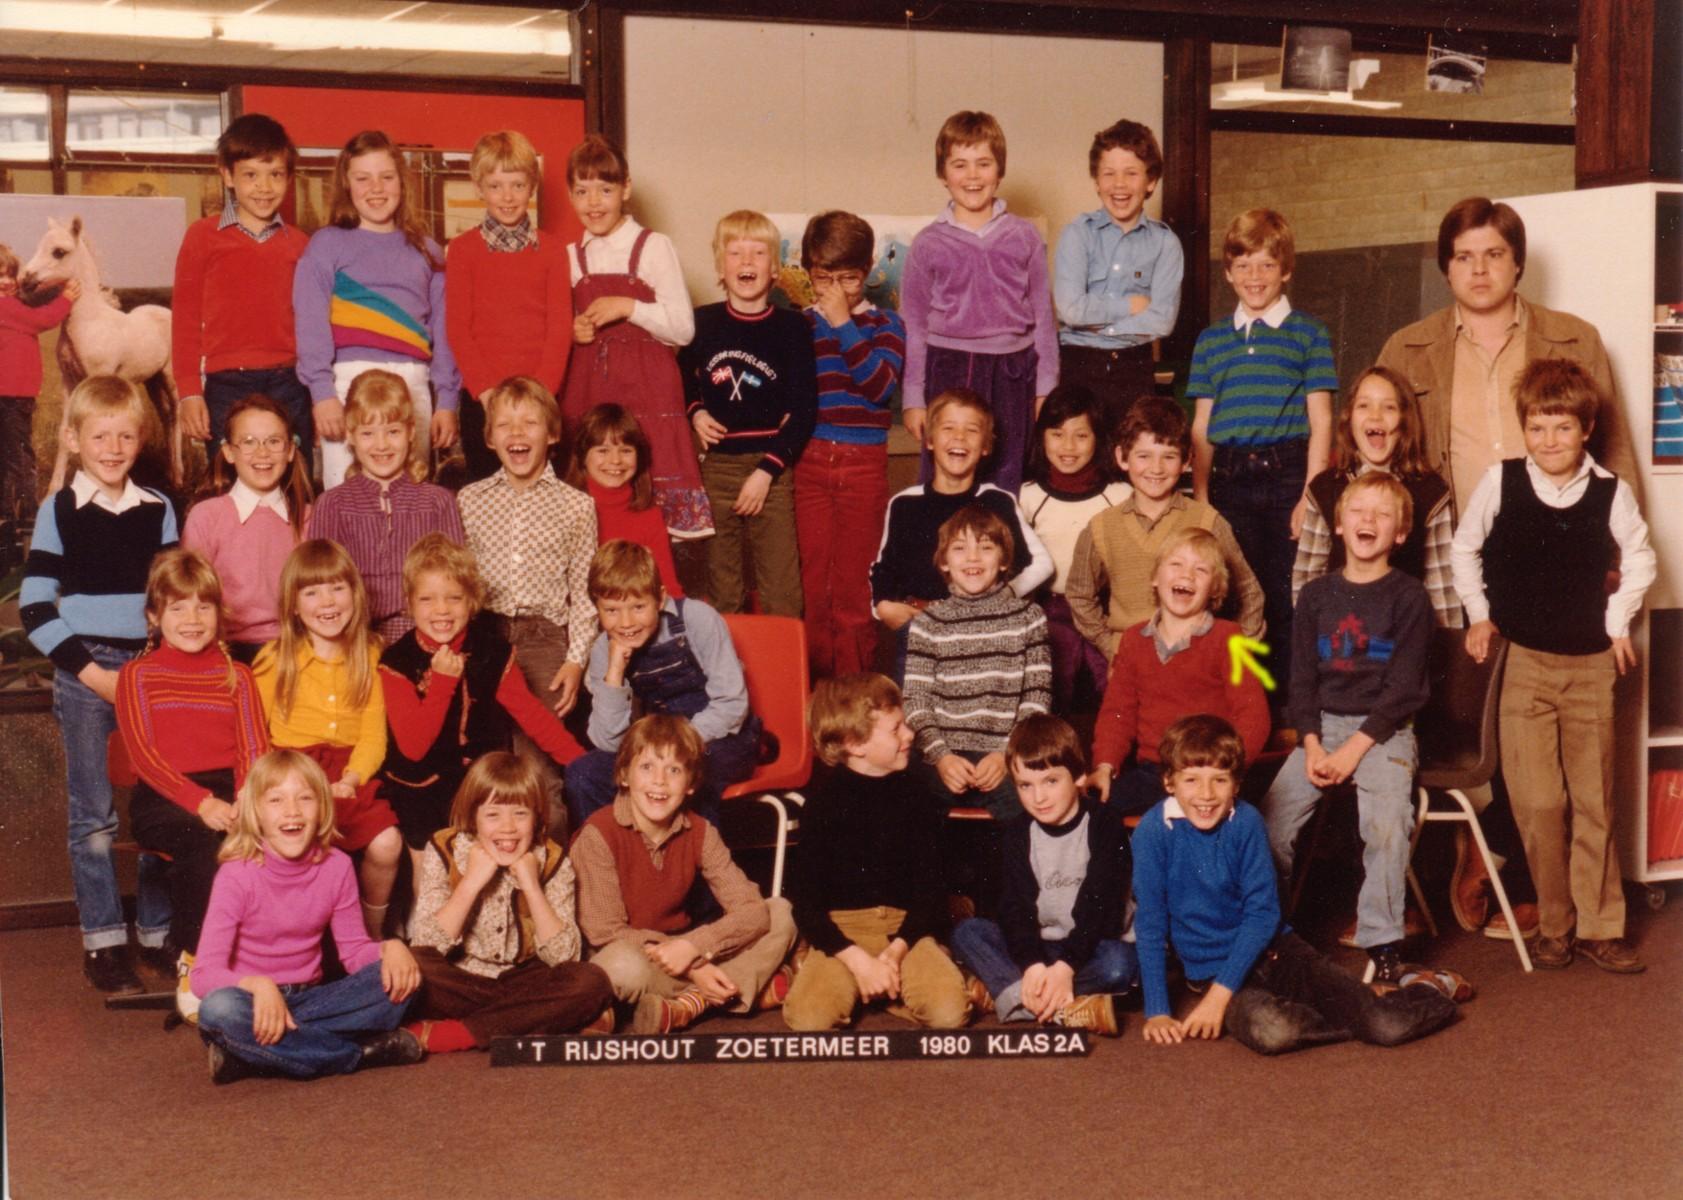 Openbare basisschool Het Rijshout foto